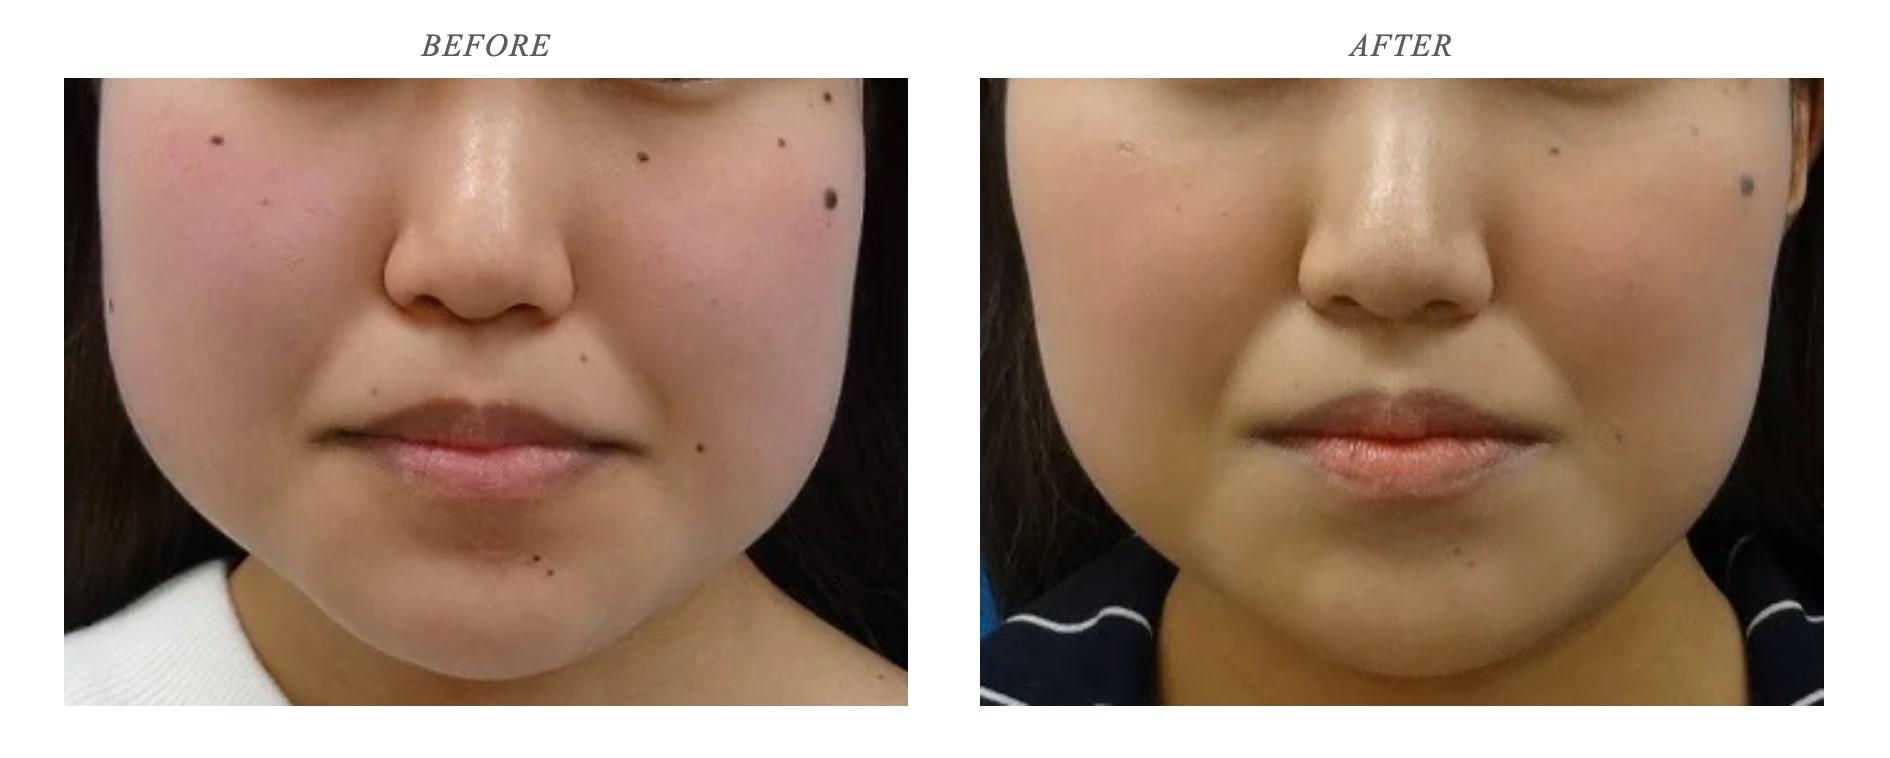 東京中央美容外科 ボトックス注射 症例